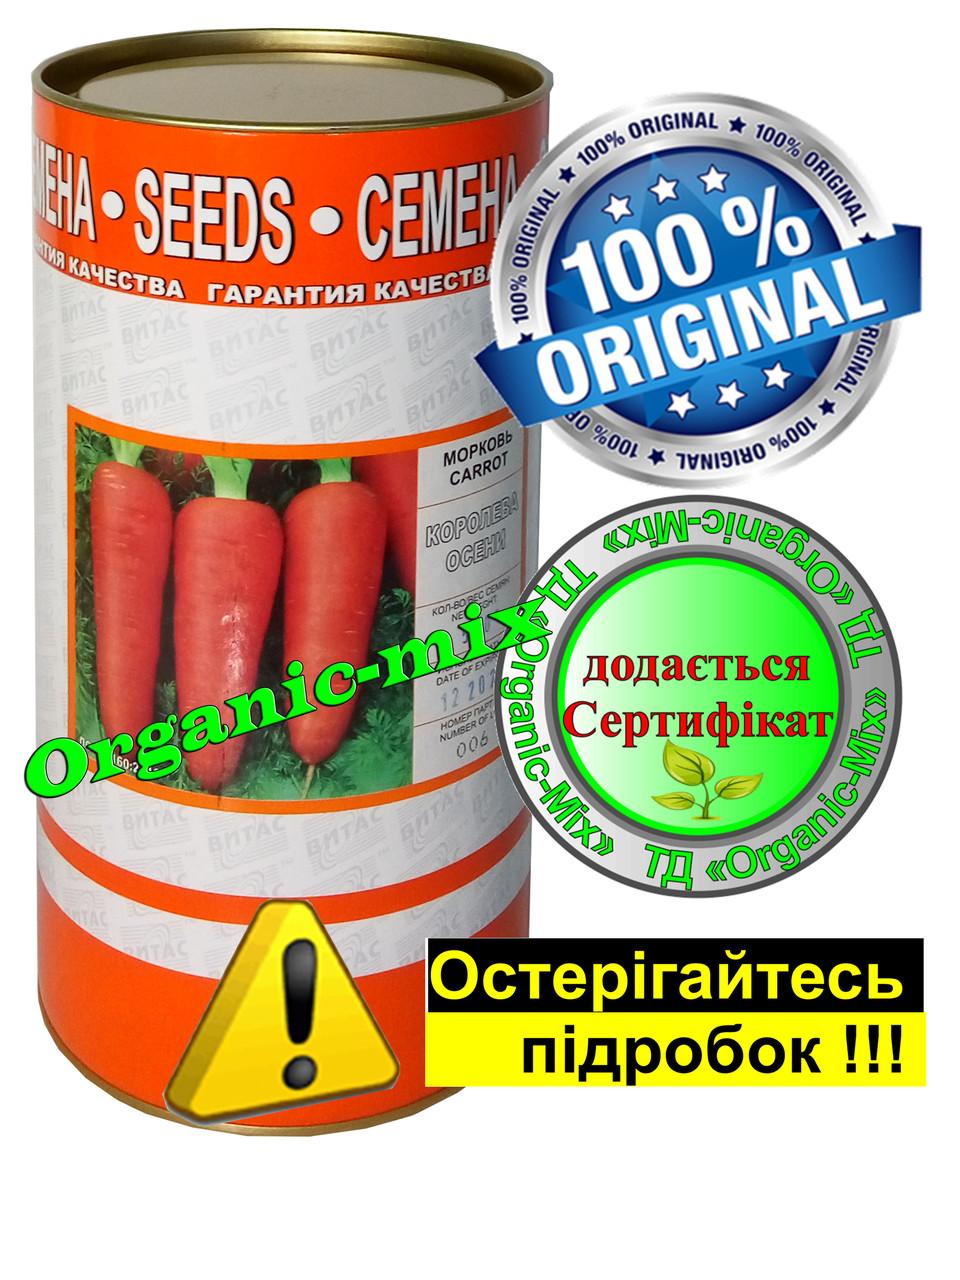 Семена моркови Королева осени инкрустированные 500 г в фермерской банке